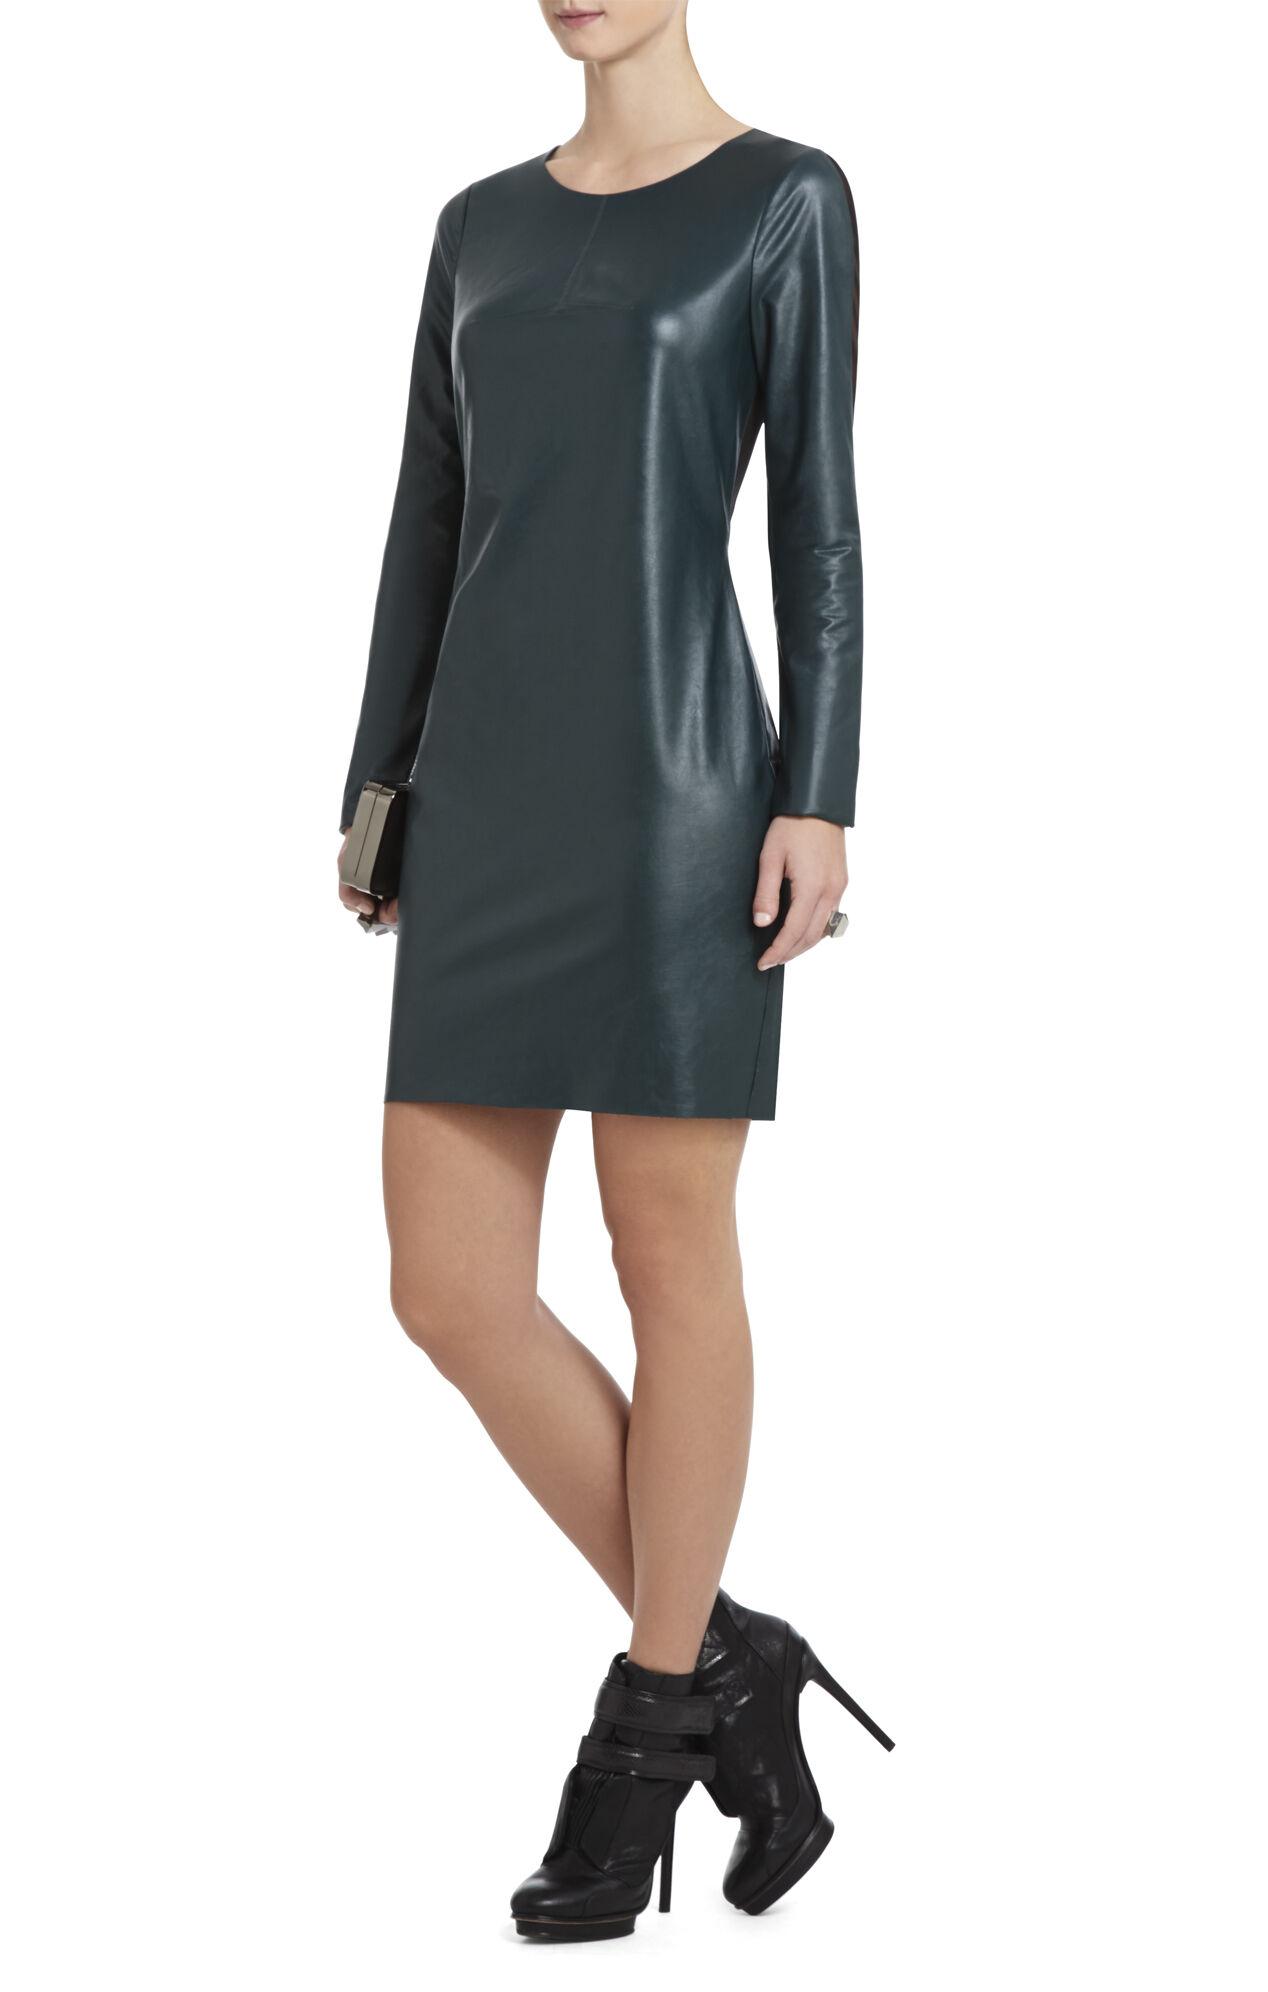 Jillea Mesh-Back Faux-Leather Dress